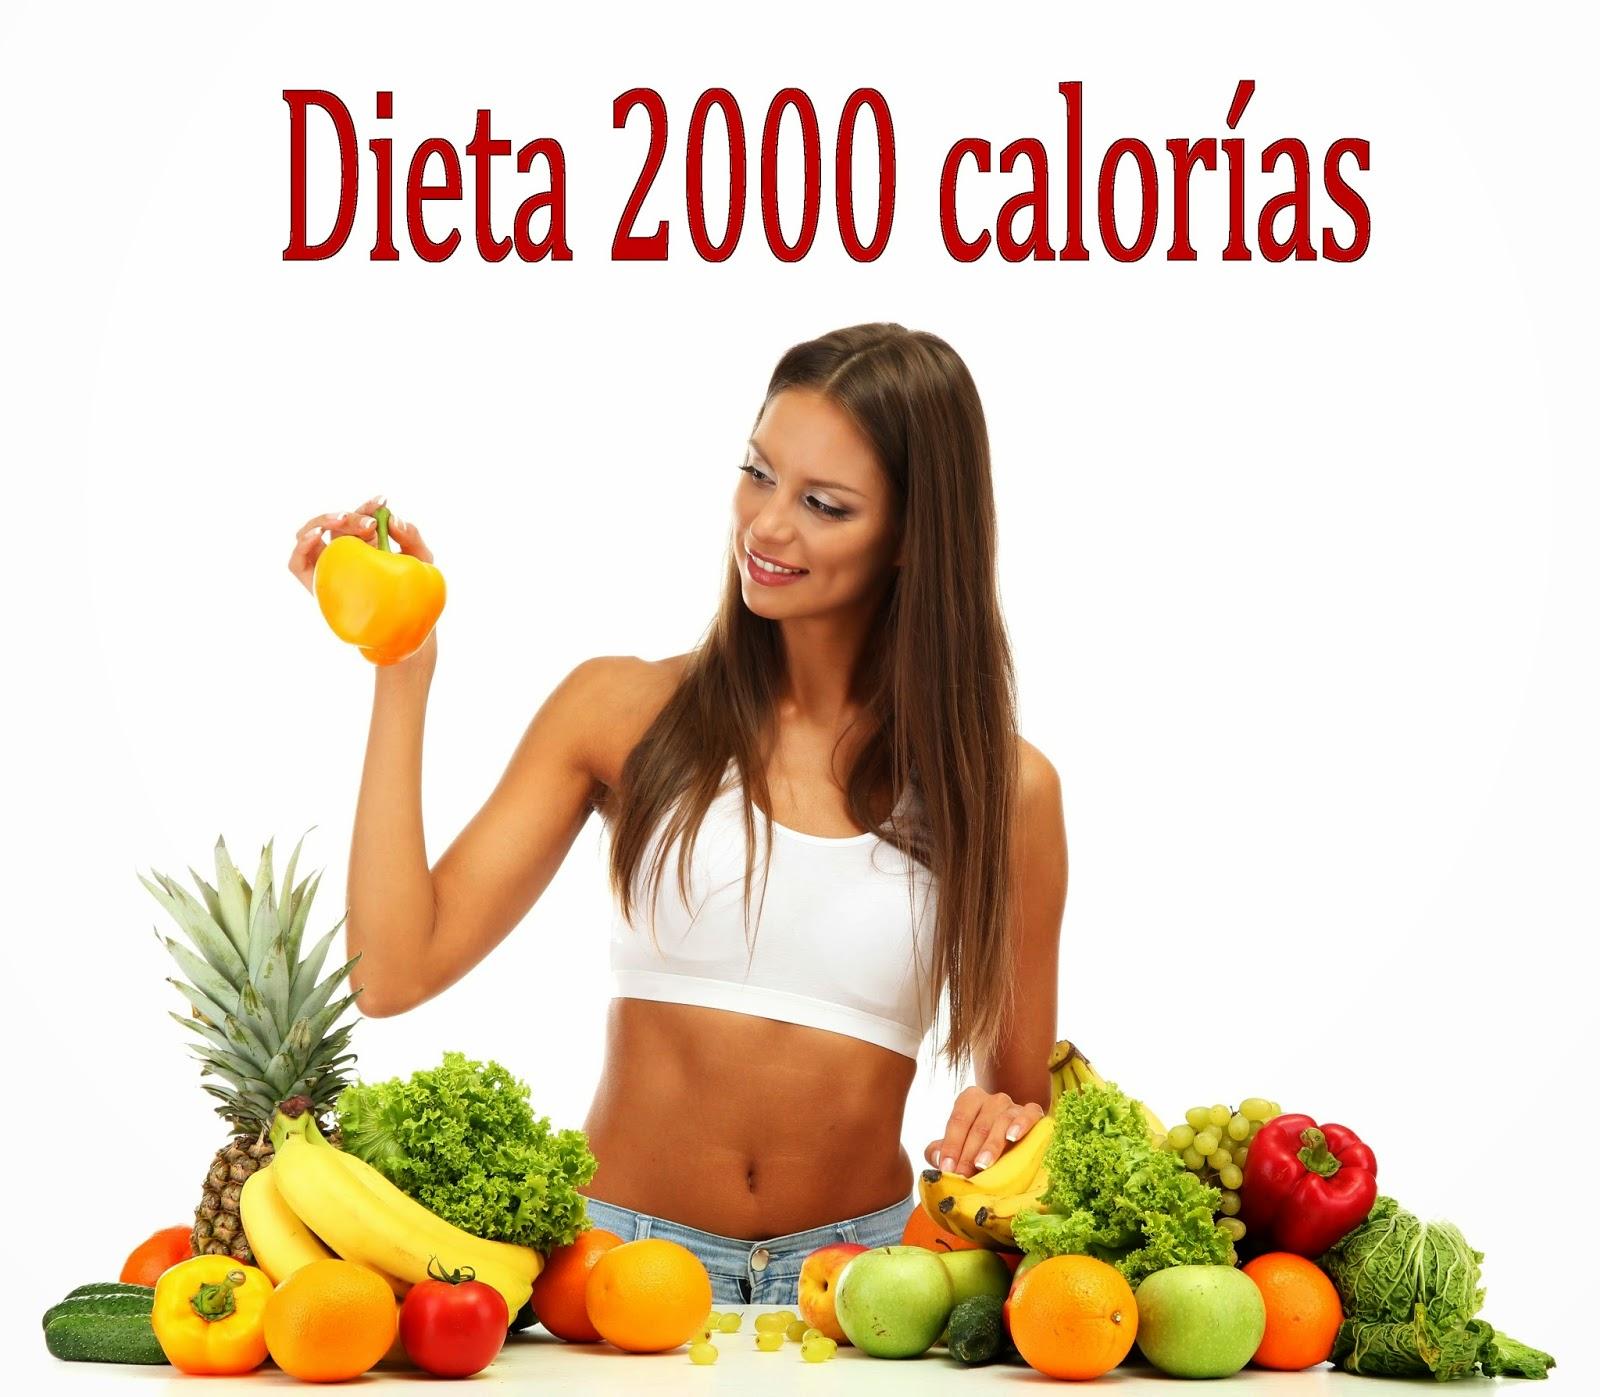 dieta 2000 calorias para perder peso